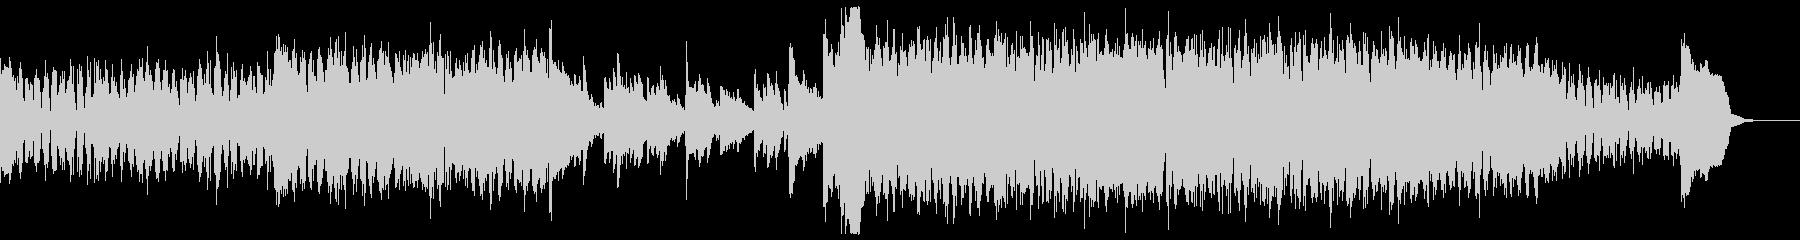 シンセ中心のダンジョンBGM(ループ可)の未再生の波形